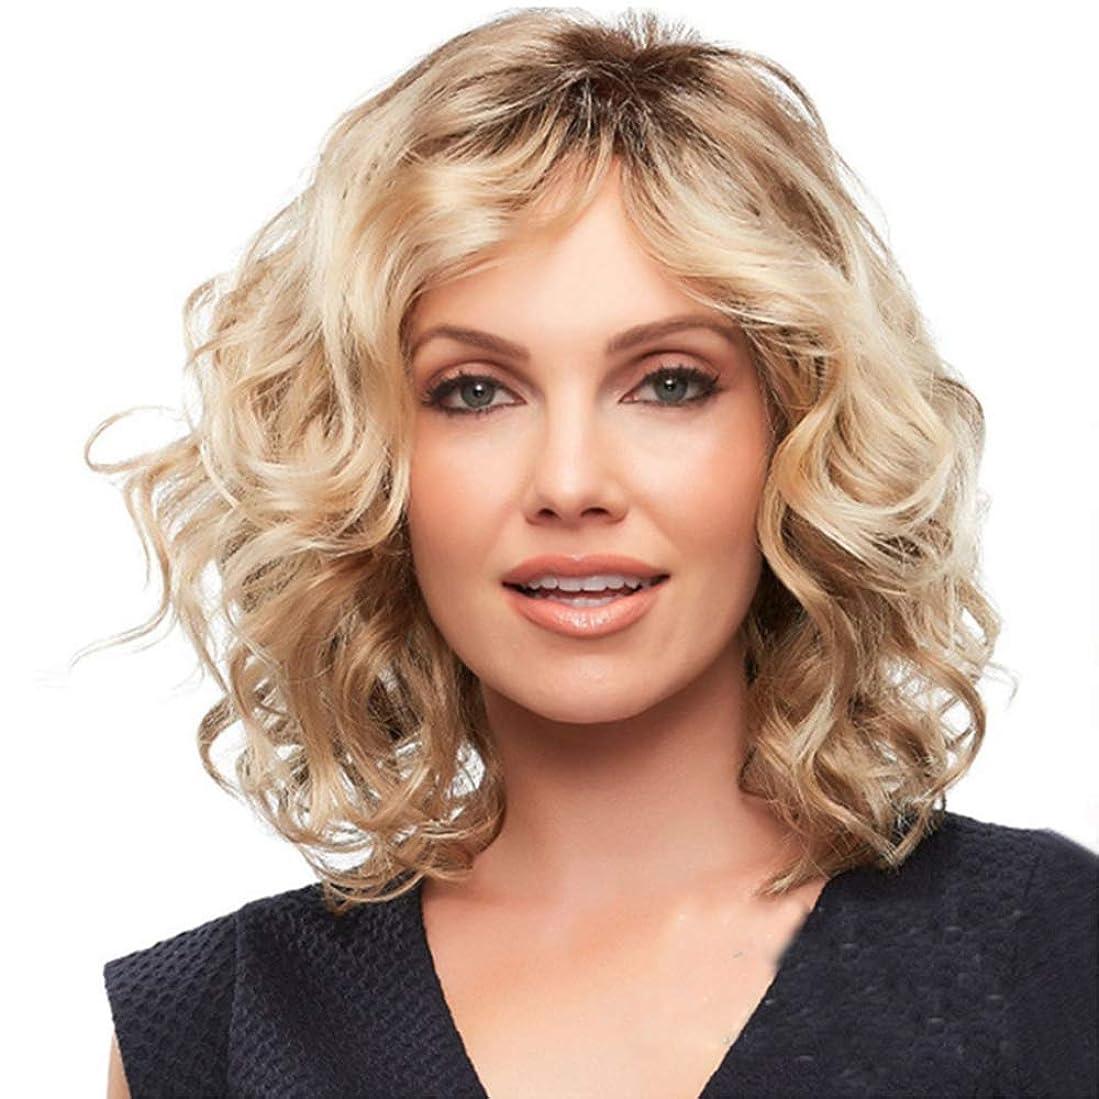 間違えた脚本ユニークな女性のための短い巻き毛のかつらブロンドの小さな波髪かつら自然な探し耐熱性合成ファッションかつら女性のための短い巻き毛のかつら